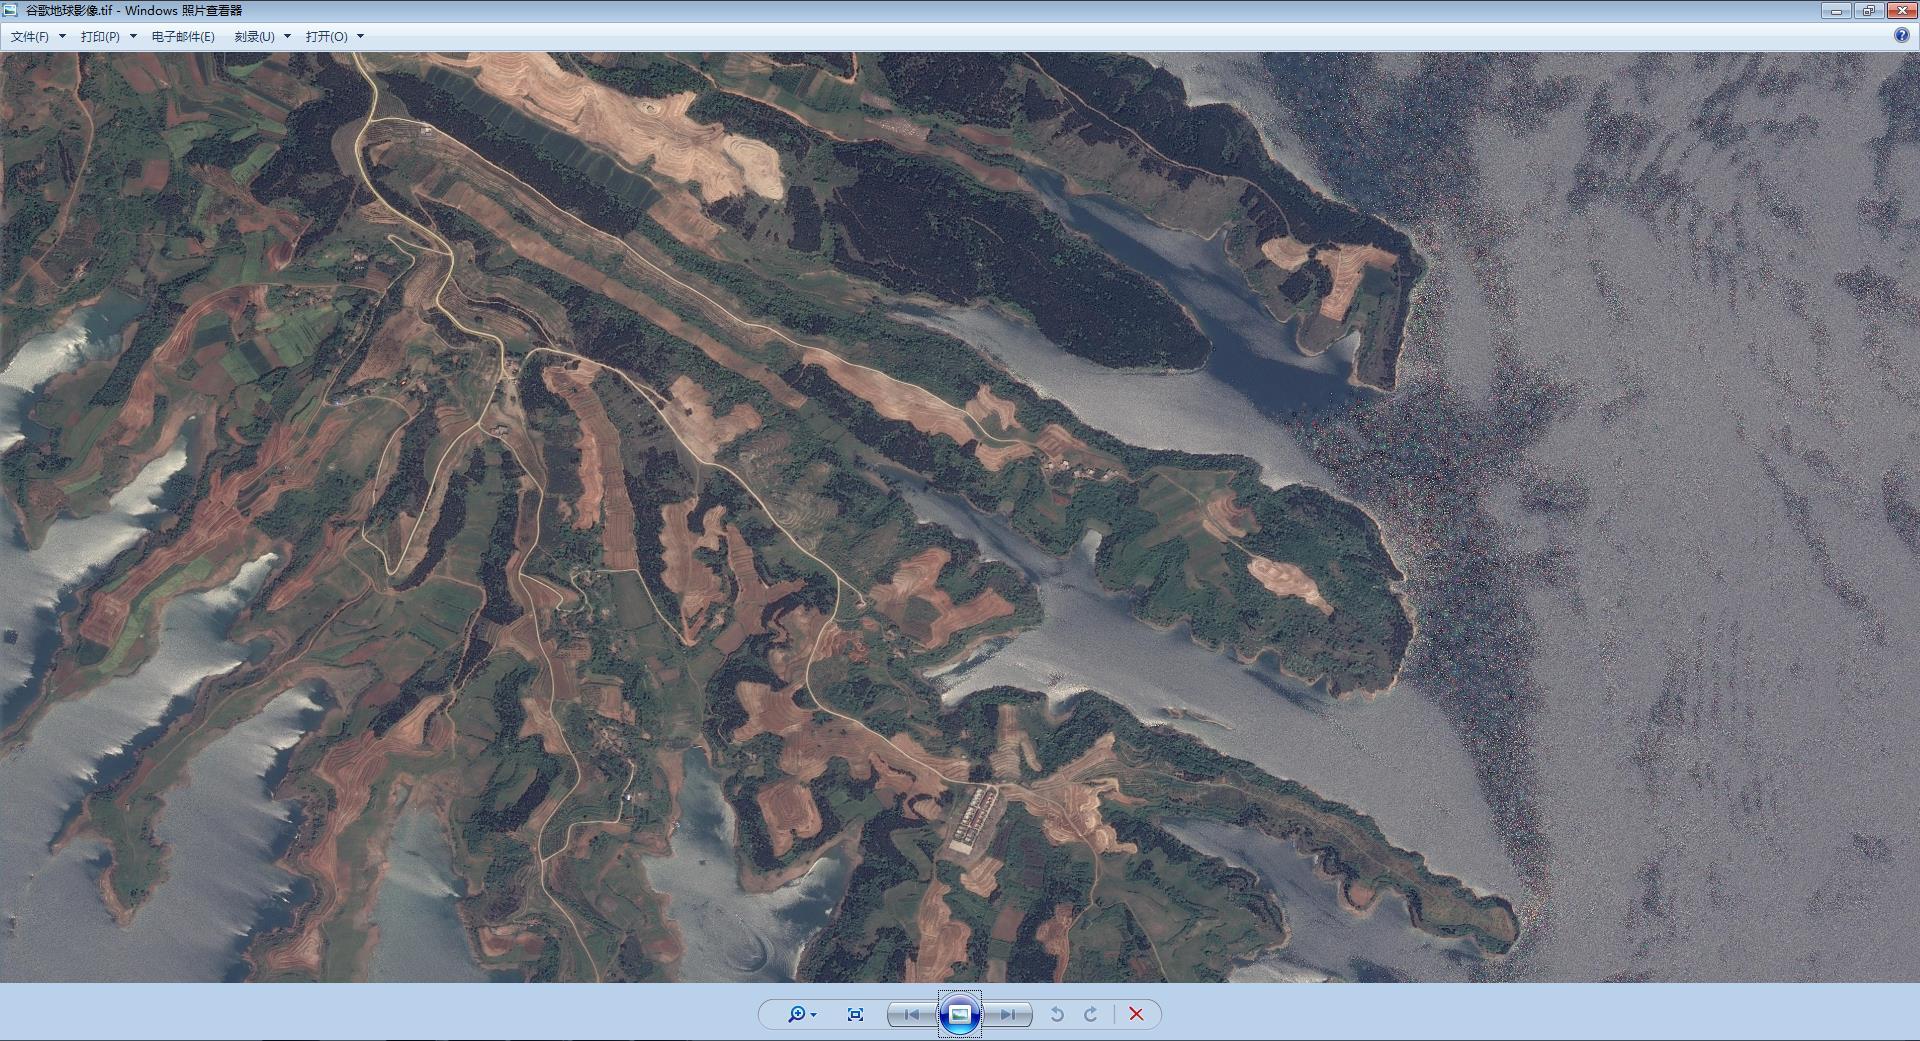 地球影像4.jpg